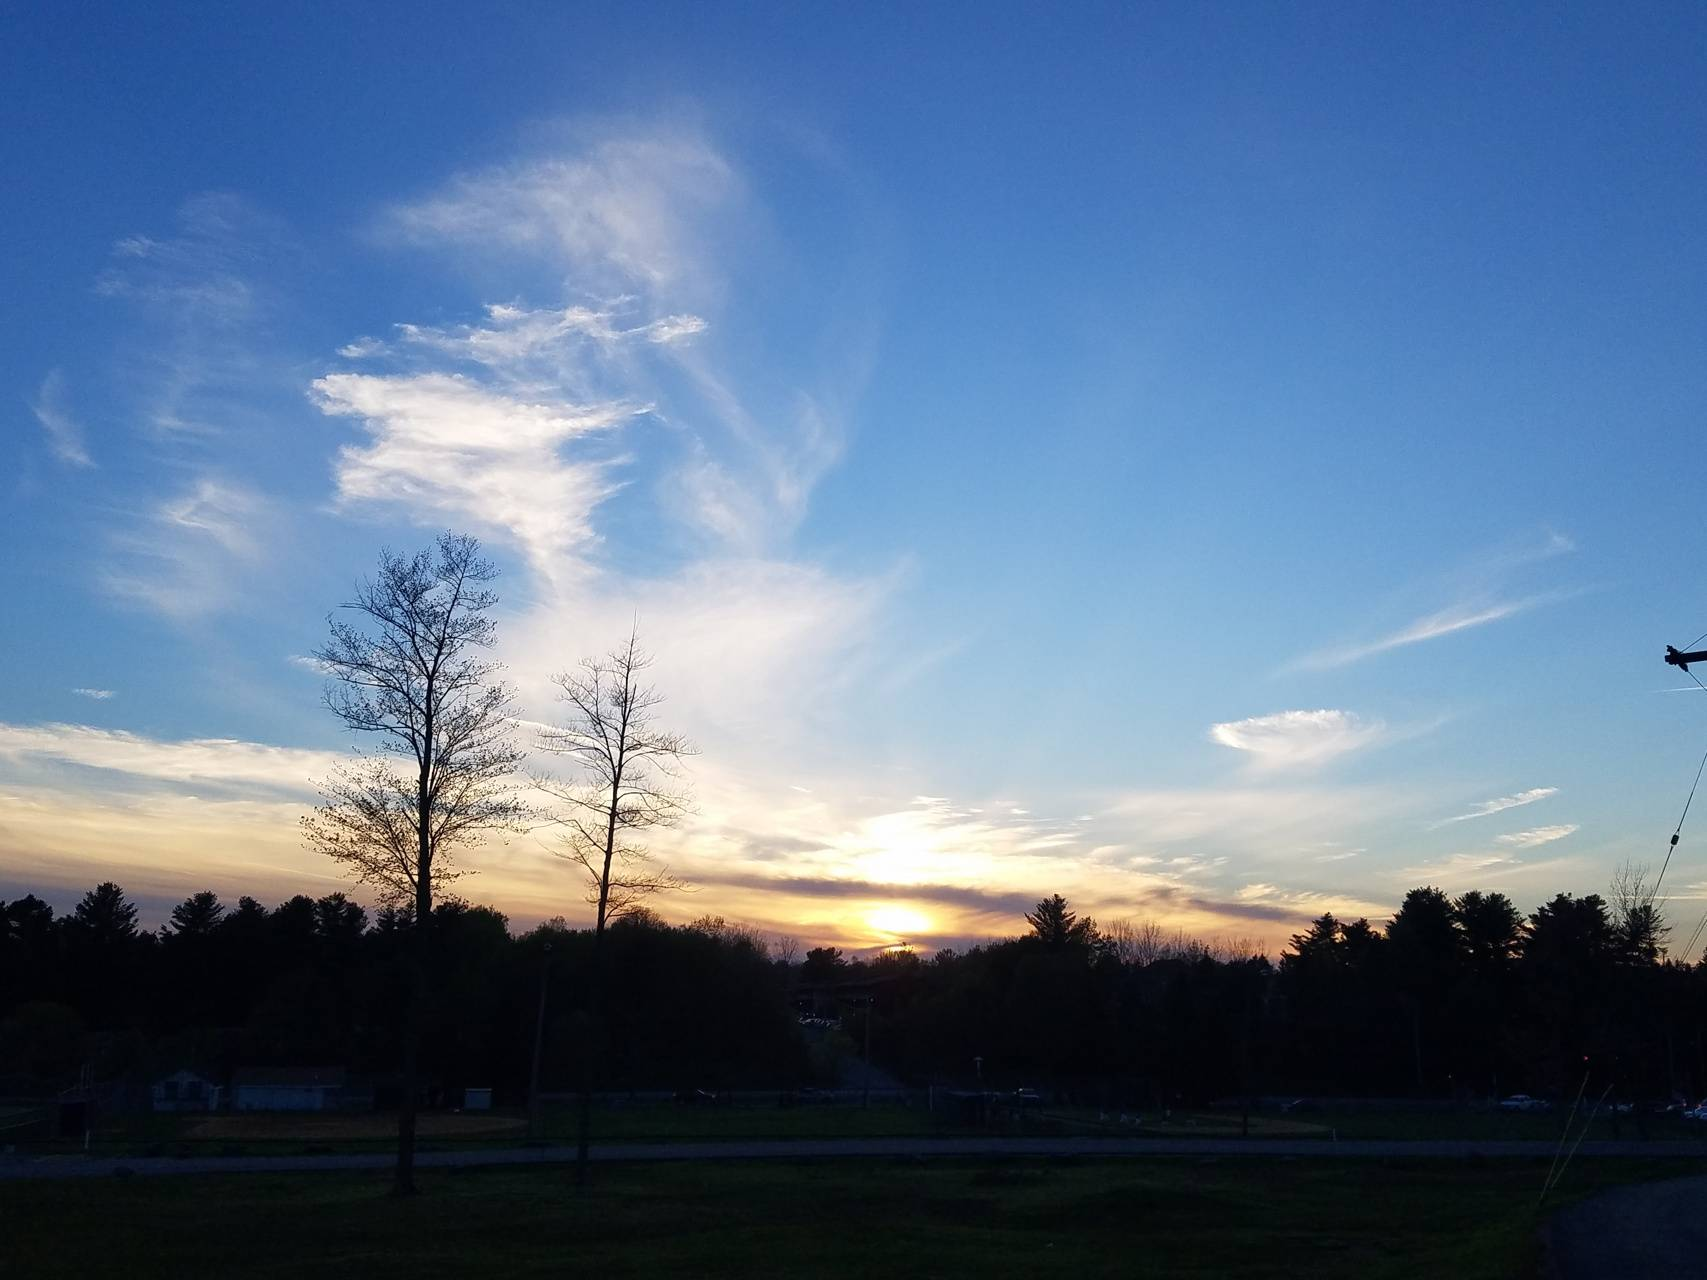 A wisp of clouds